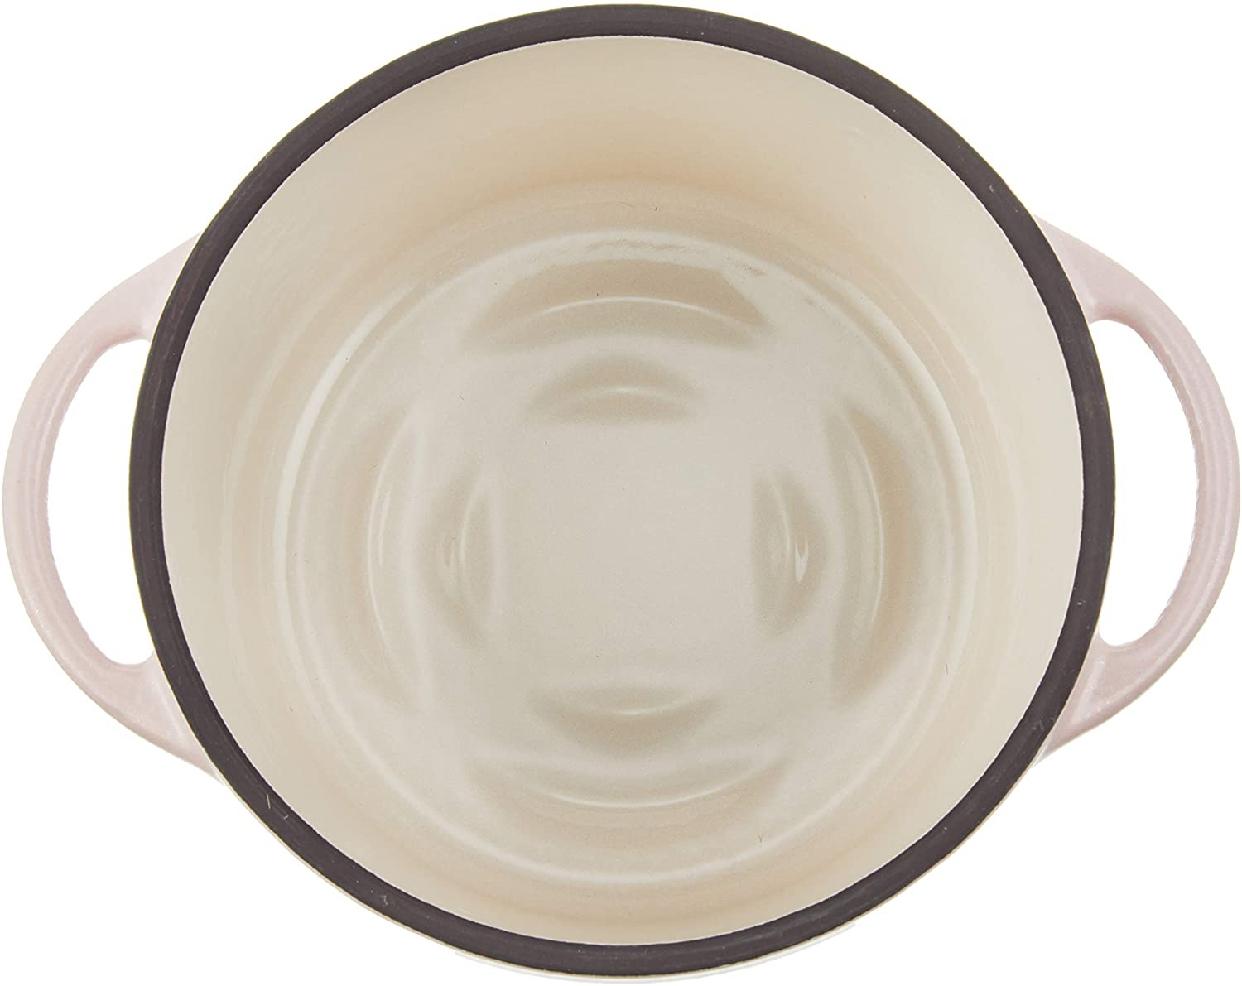 VERMICULAR(バーミキュラ) オーブンポットラウンド14cm パールピンクの商品画像3